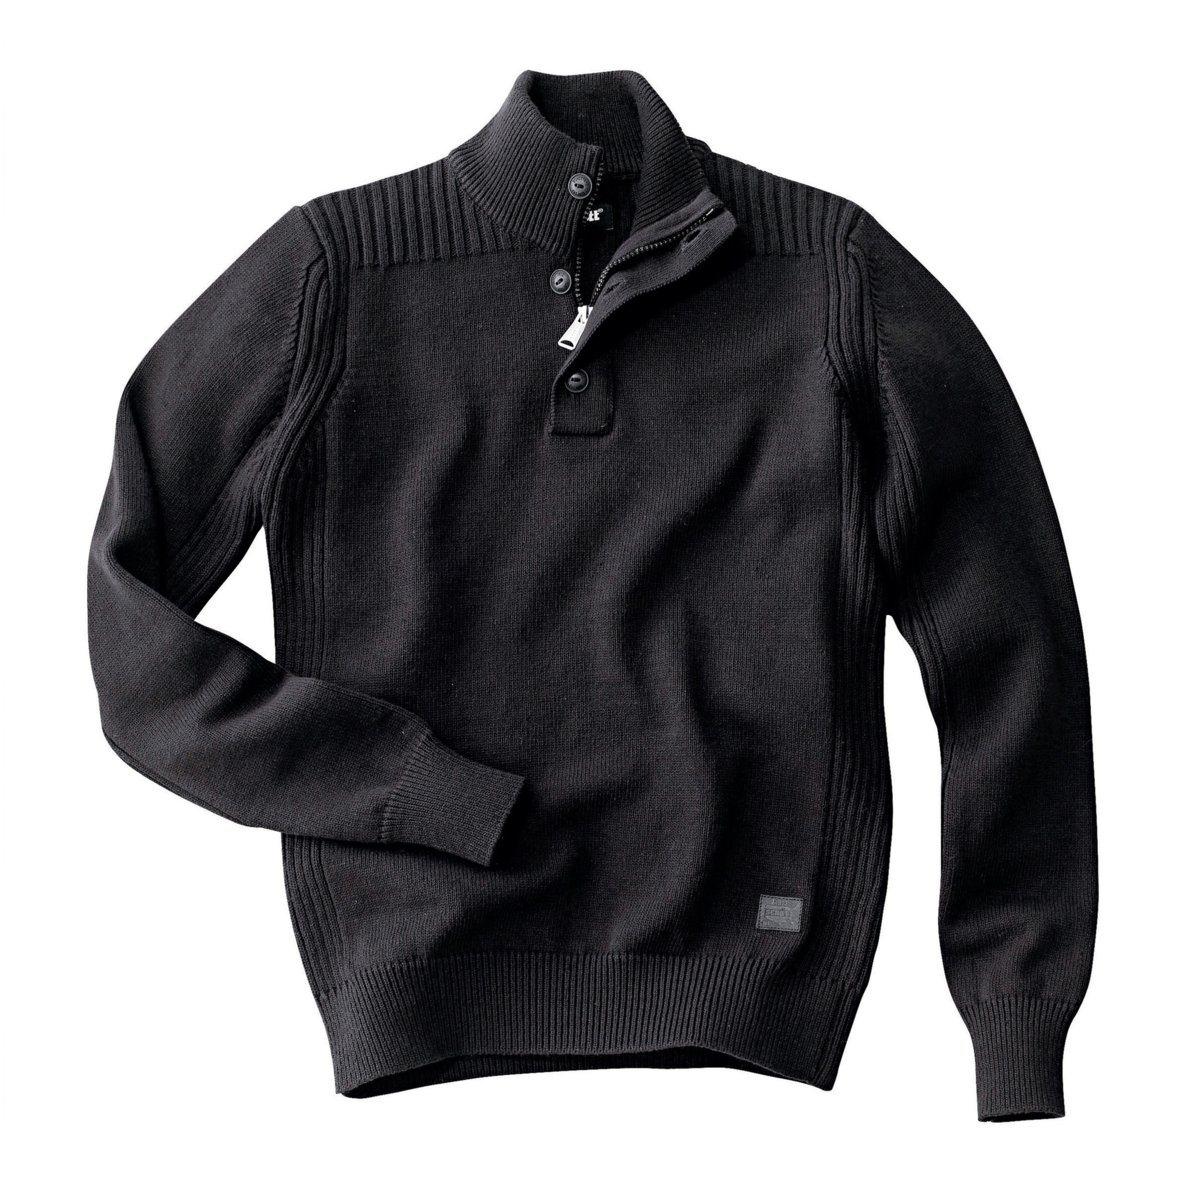 ПуловерПуловер Milford от SCHOTT. 50% хлопка, 50% акрила. Высокий воротник с застежкой на 3 пуговицы.<br><br>Цвет: серый меланж,черный<br>Размер: L